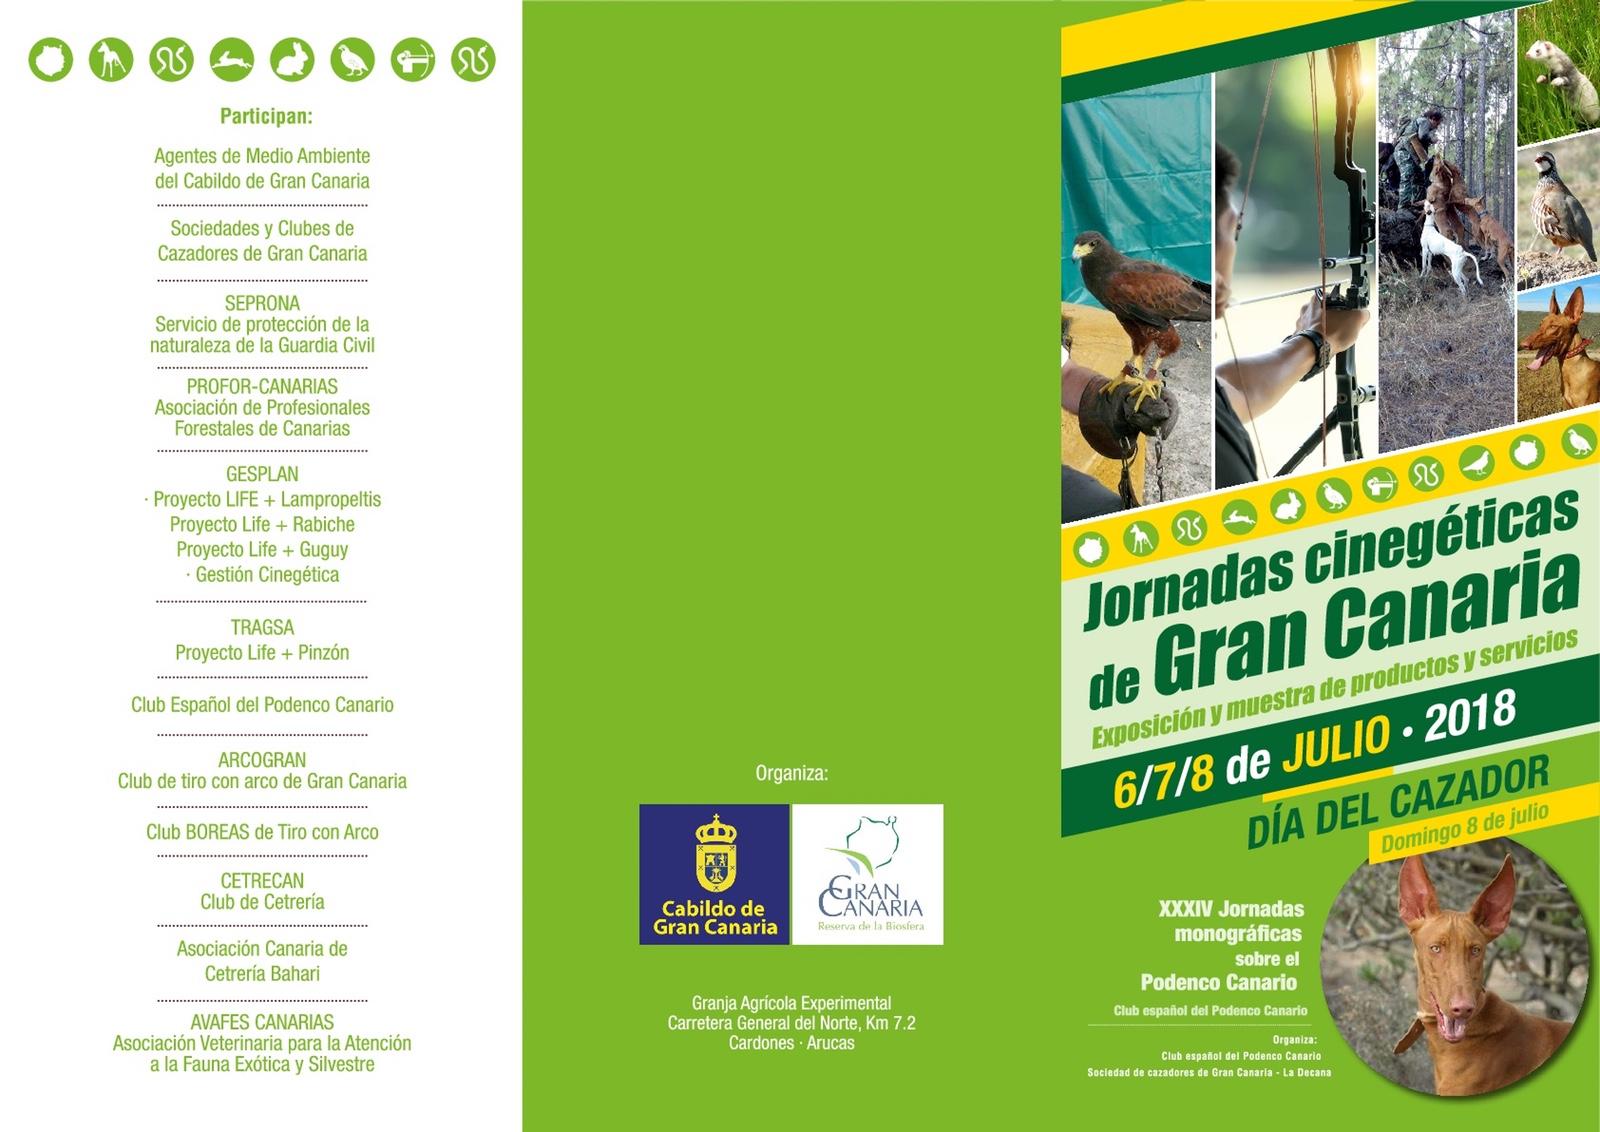 Jornadas Cinegéticas de Gran Canaria